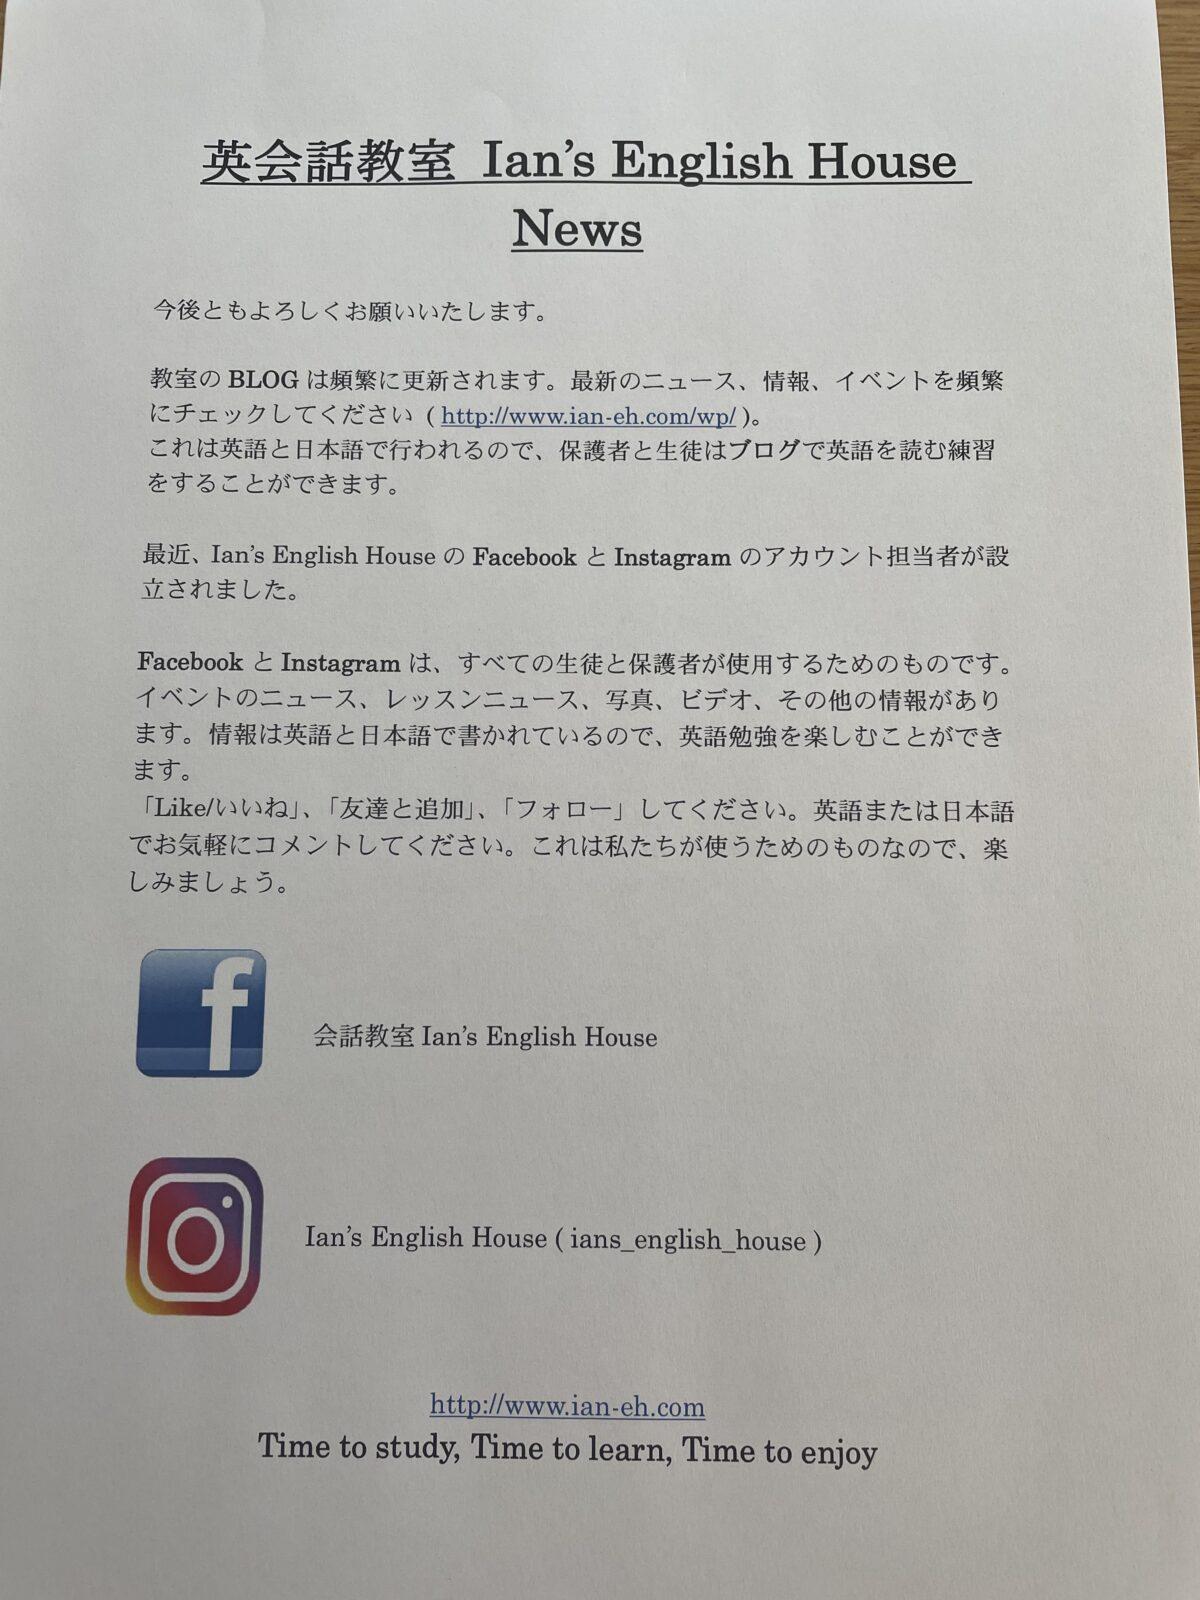 Ian's English House News